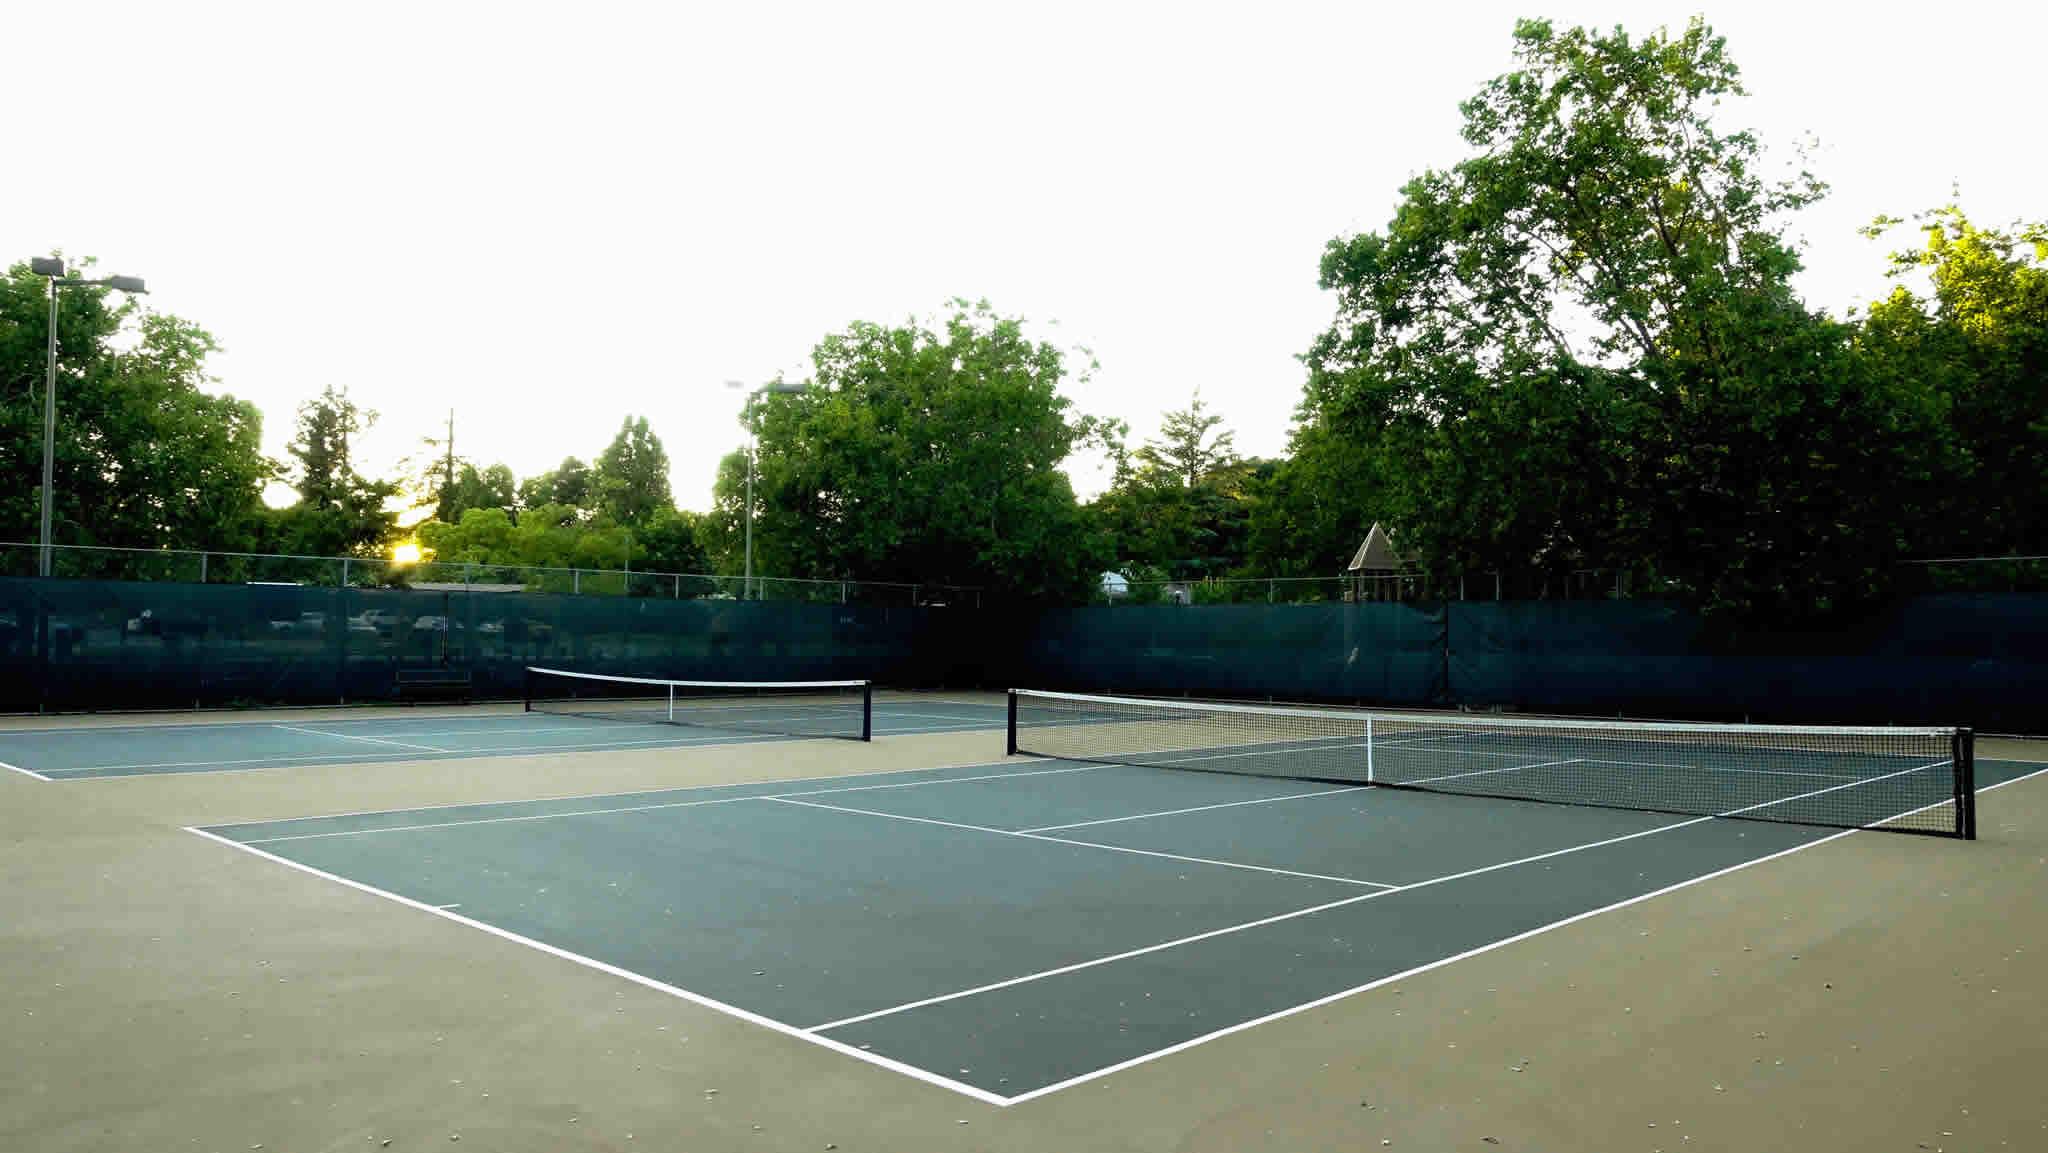 Healdsburg's Free Open Tennis Courts